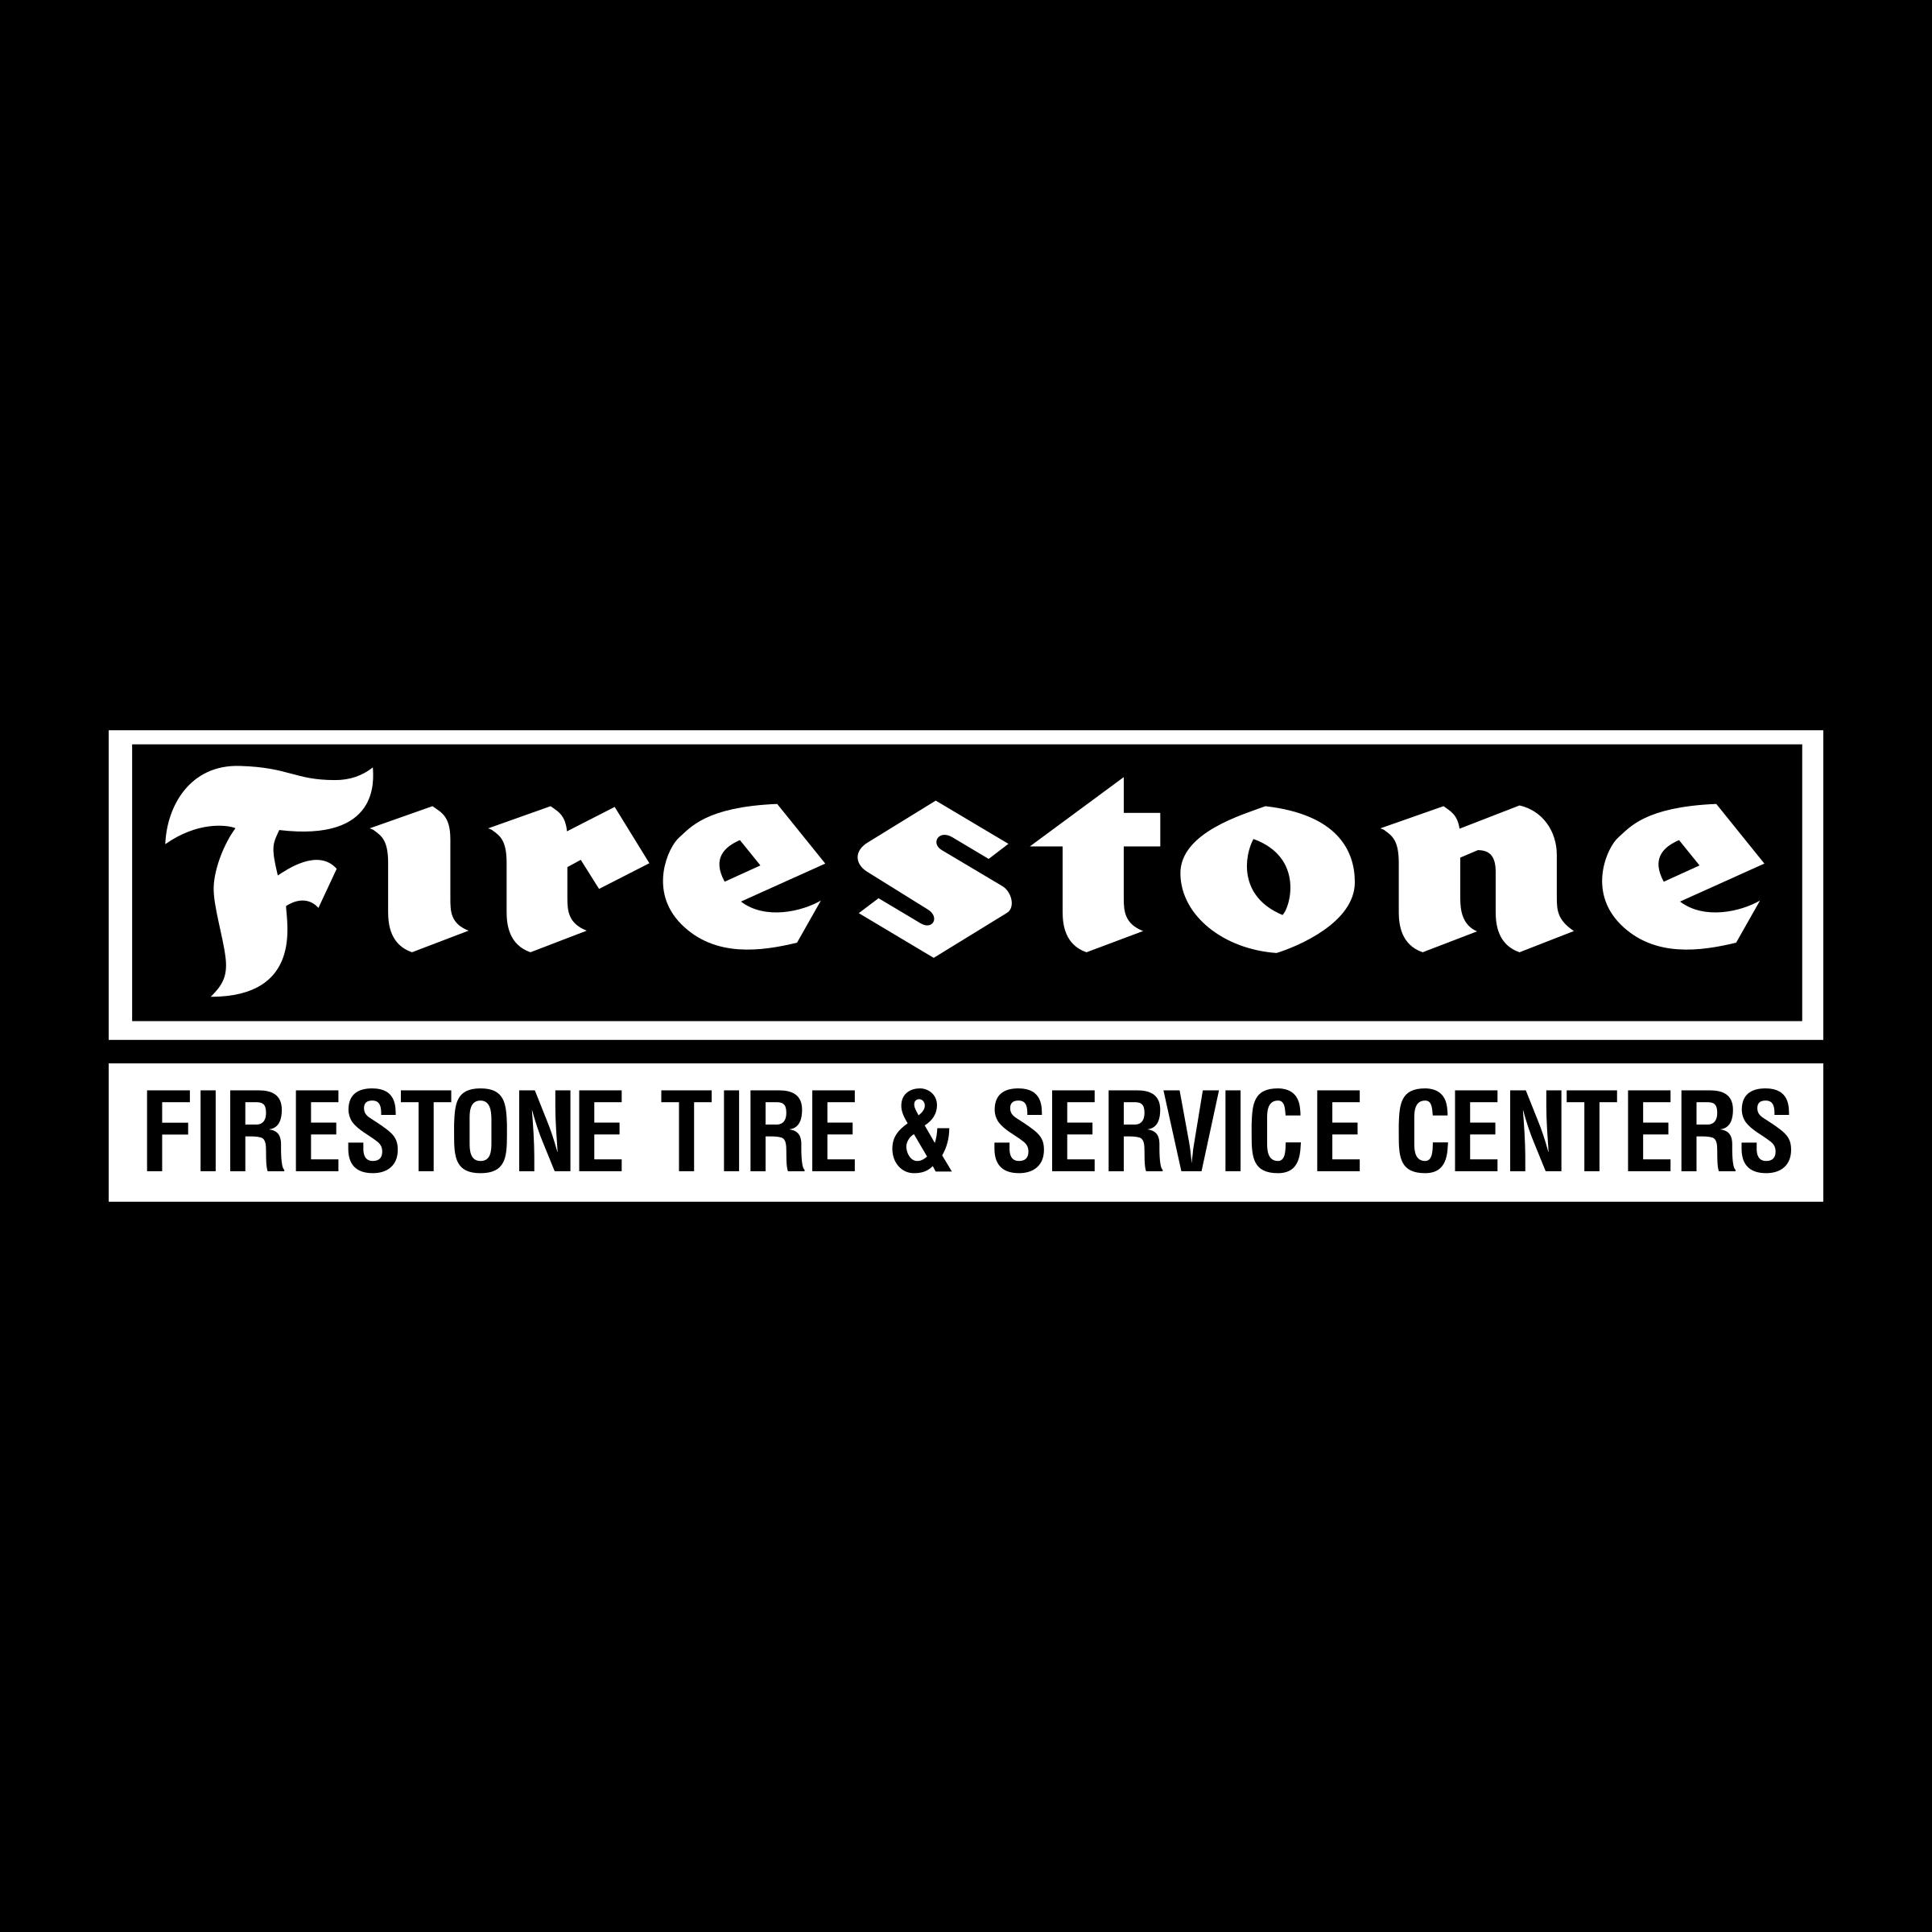 Firestone Logo Png Transparent & Svg Vector - Pluspng Pluspng.com - Firestone Logo PNG